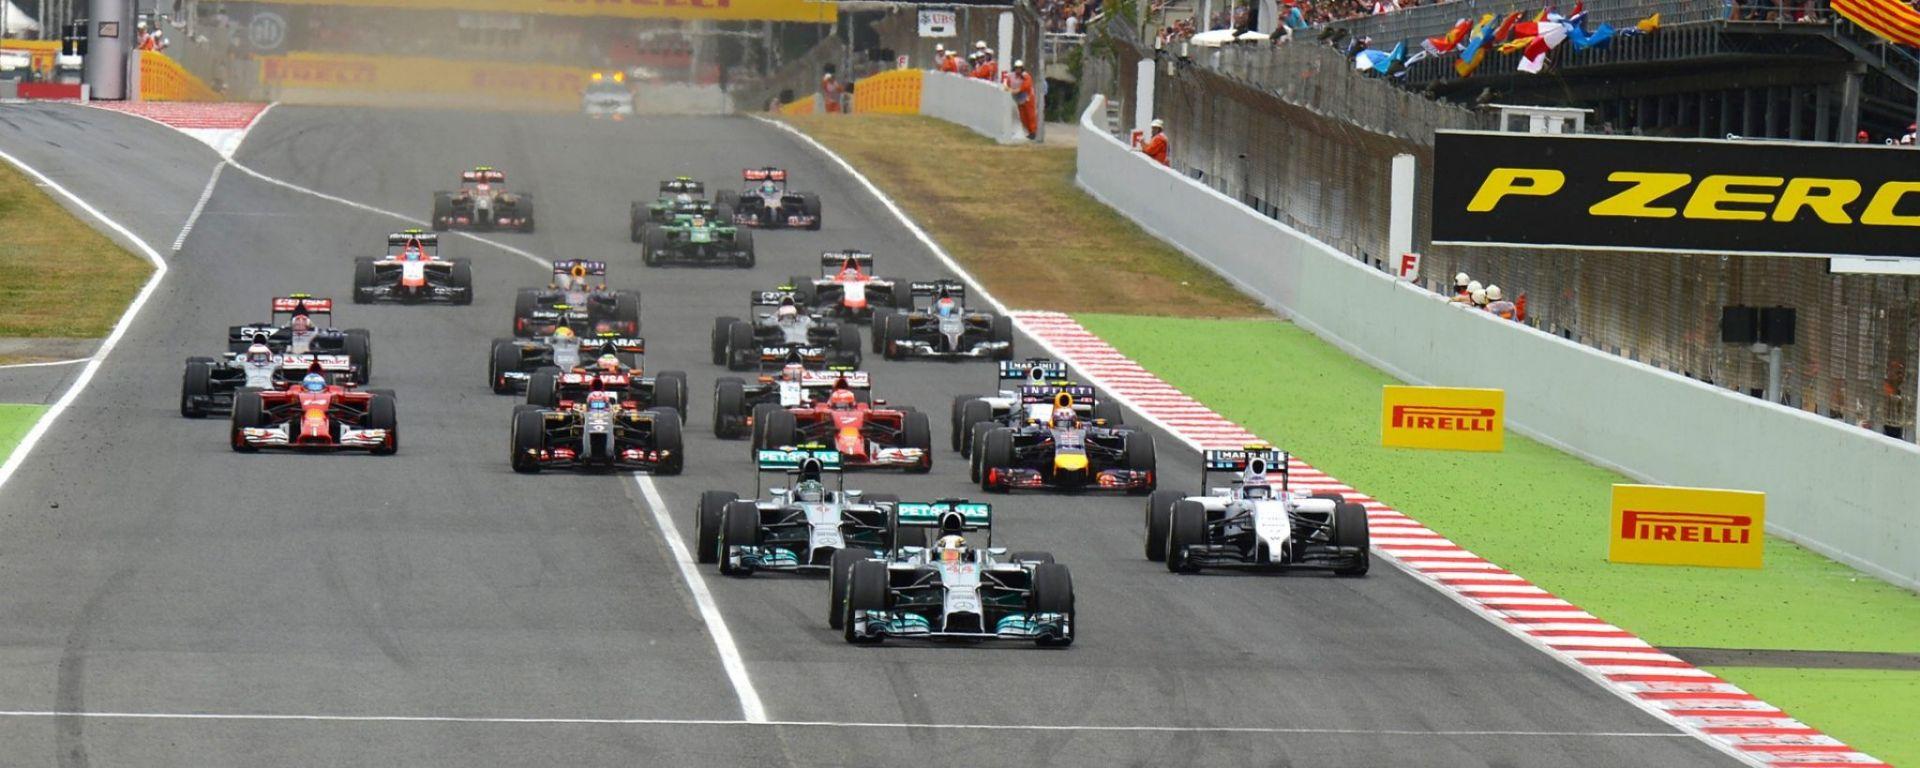 F1 2016 - Gran Premio di Spagna - Info e Risultati